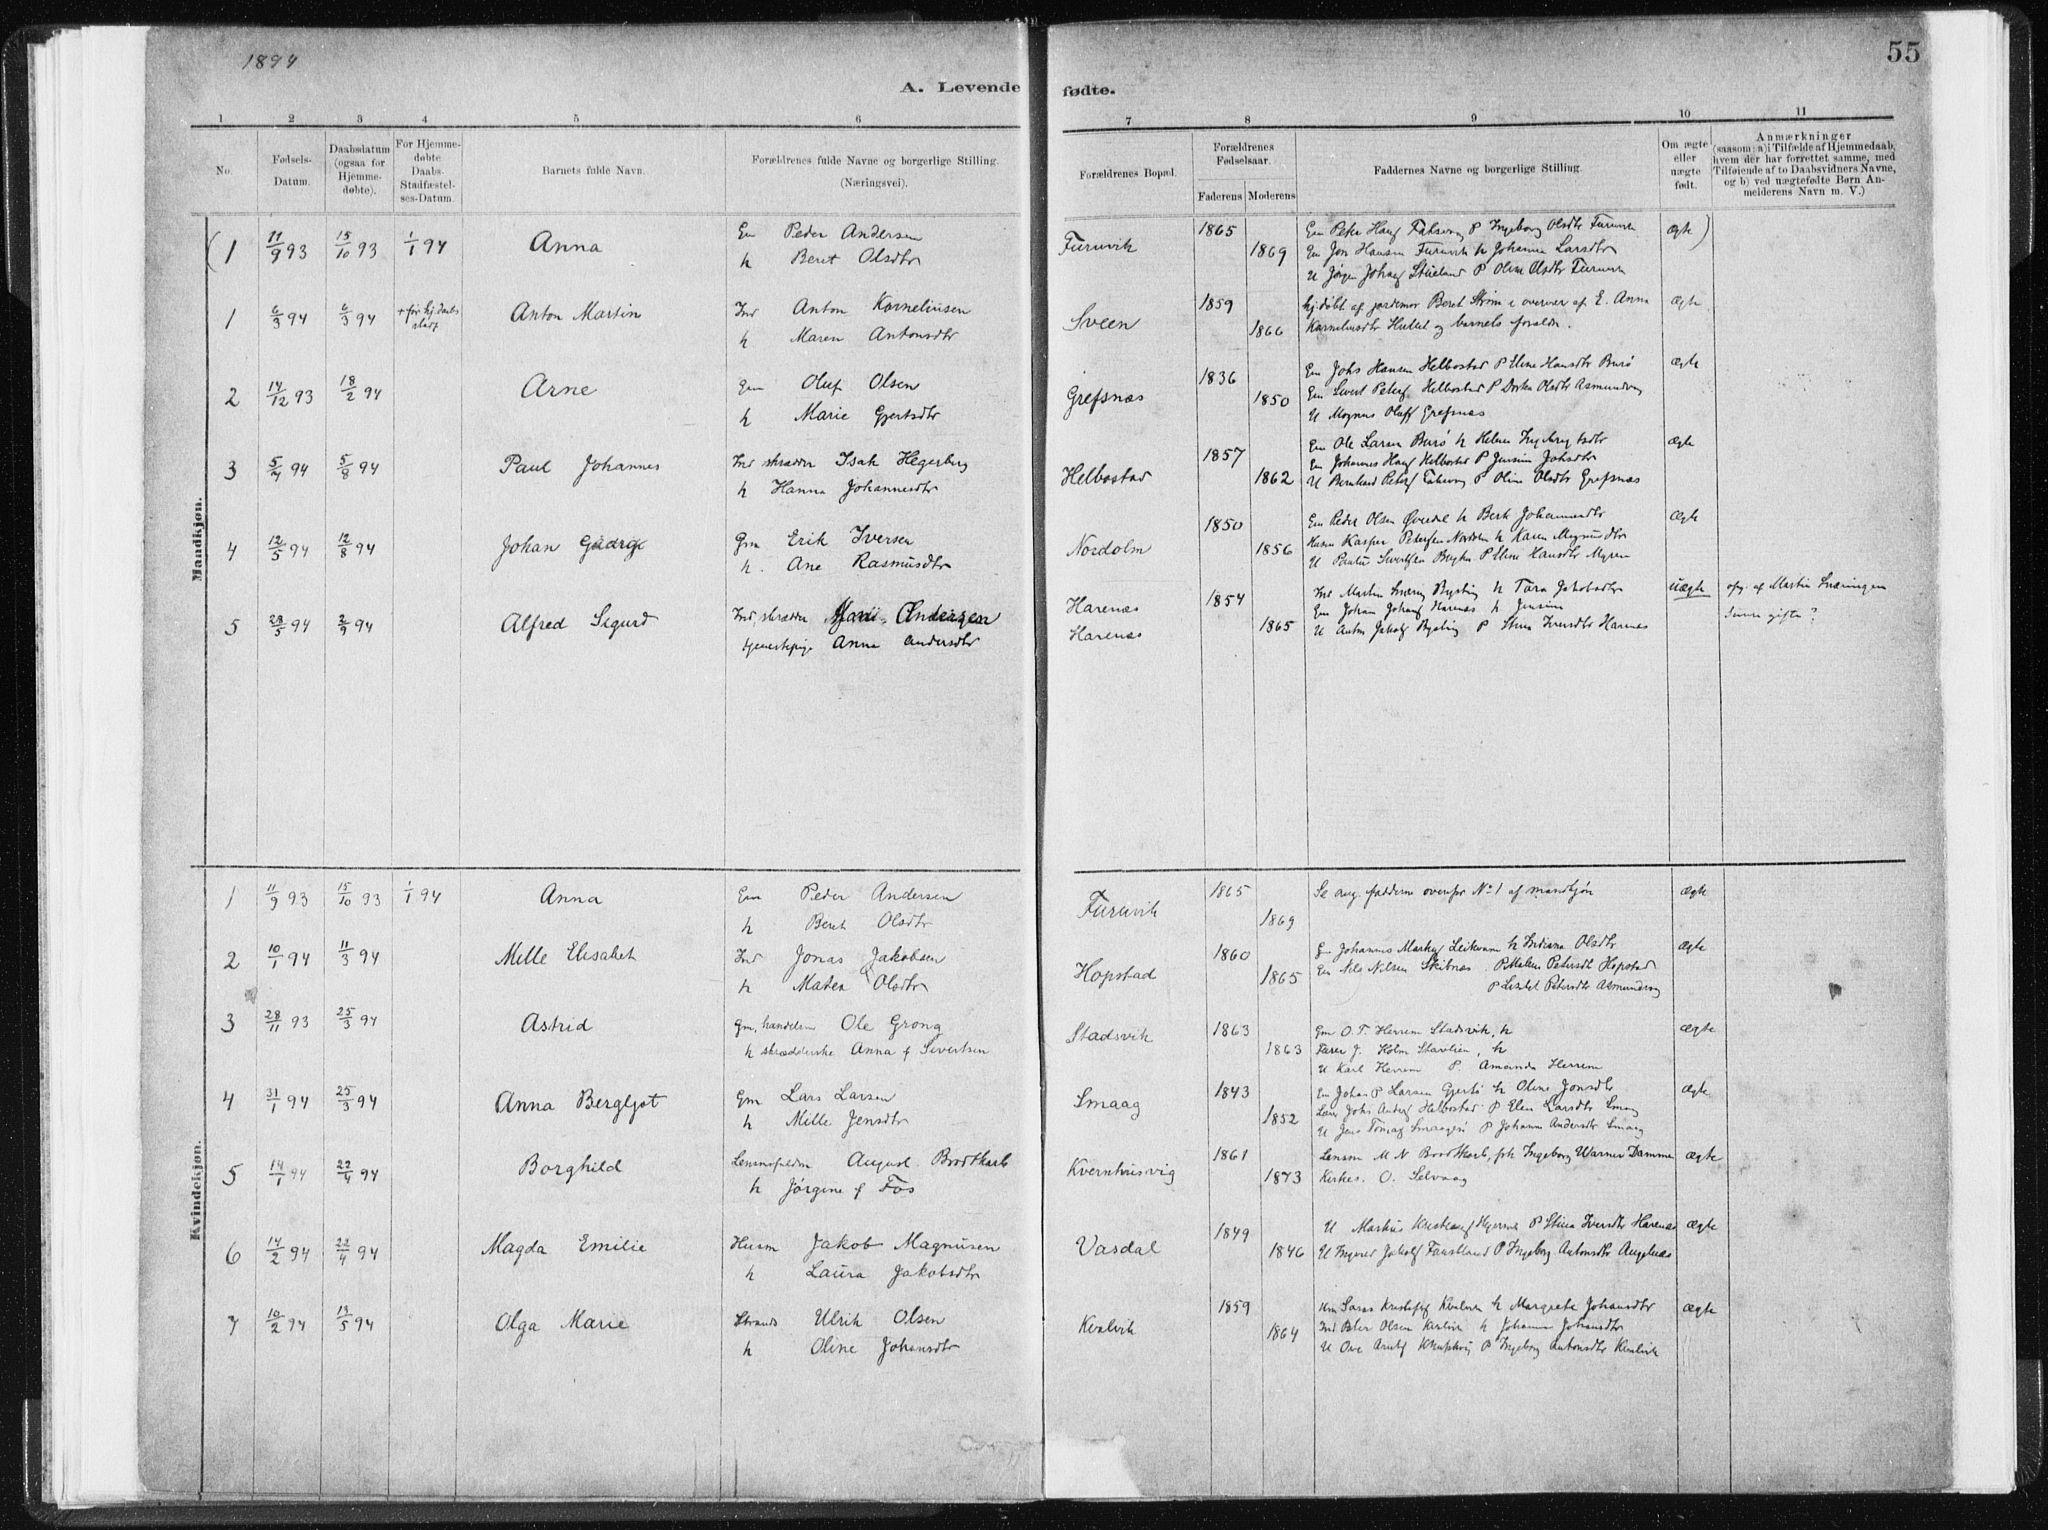 SAT, Ministerialprotokoller, klokkerbøker og fødselsregistre - Sør-Trøndelag, 634/L0533: Ministerialbok nr. 634A09, 1882-1901, s. 55